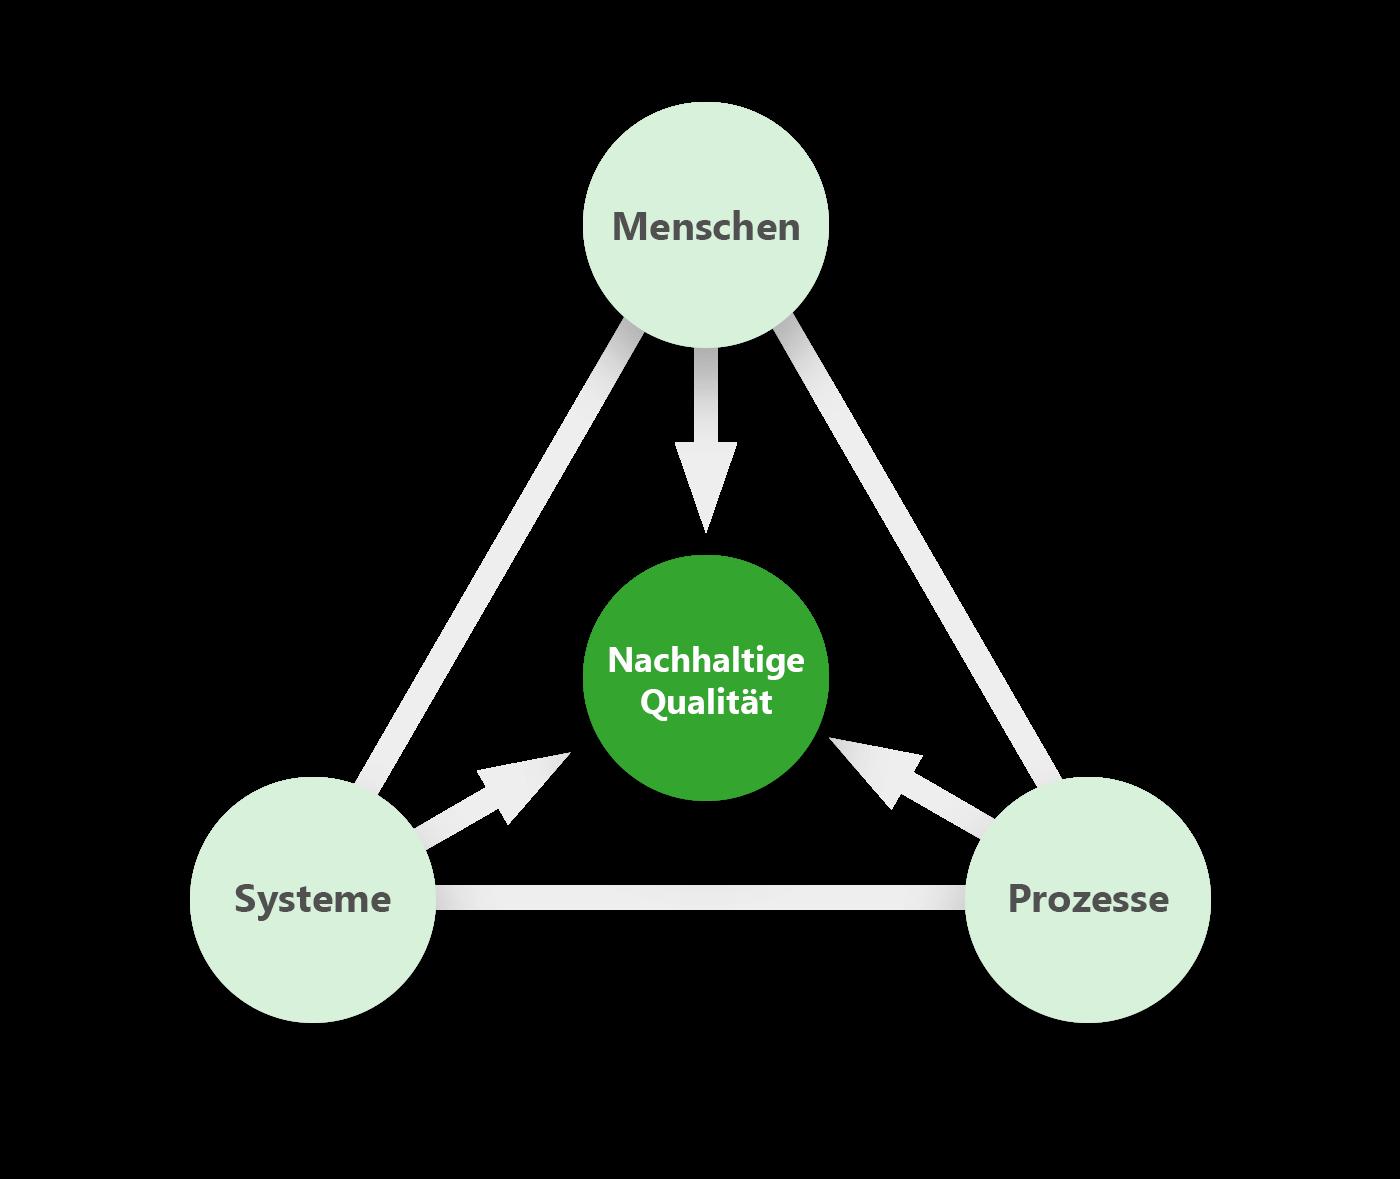 Systemgrafik